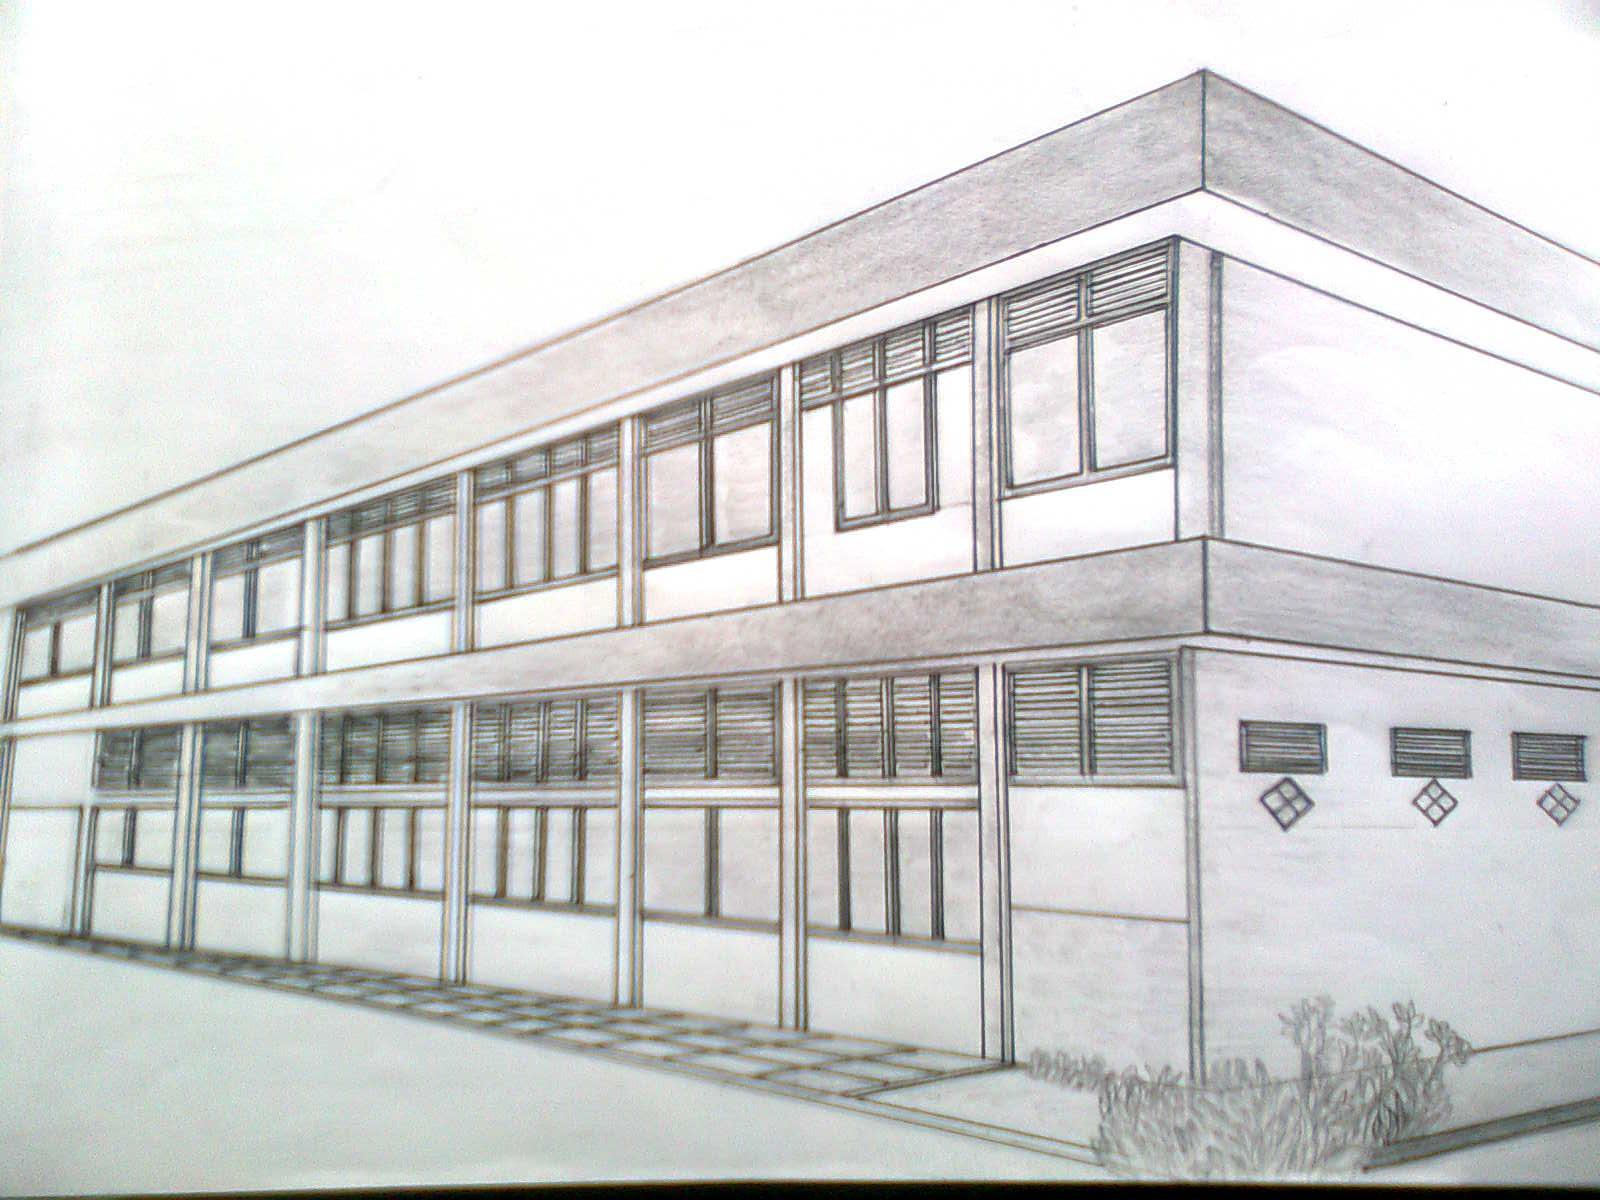 Gambar Rumah Sederhana Perspektif